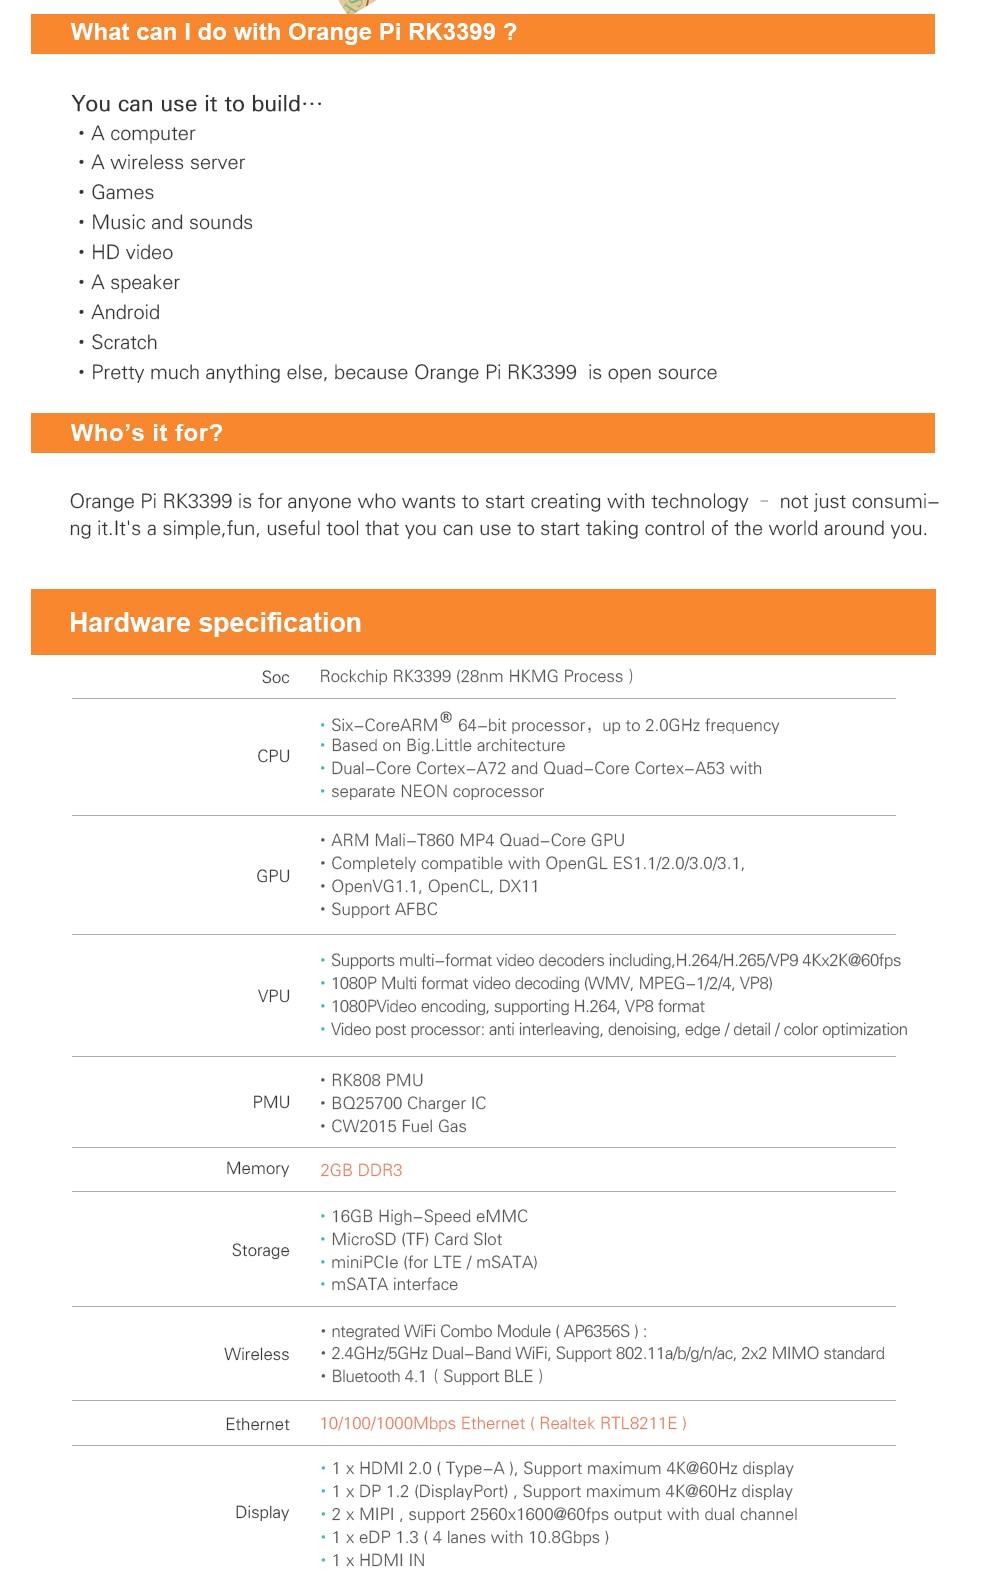 🛒[jusjm] Orange Pi RK3399 2GB DDR3 16GB EMMC Dual Core Cortex A72